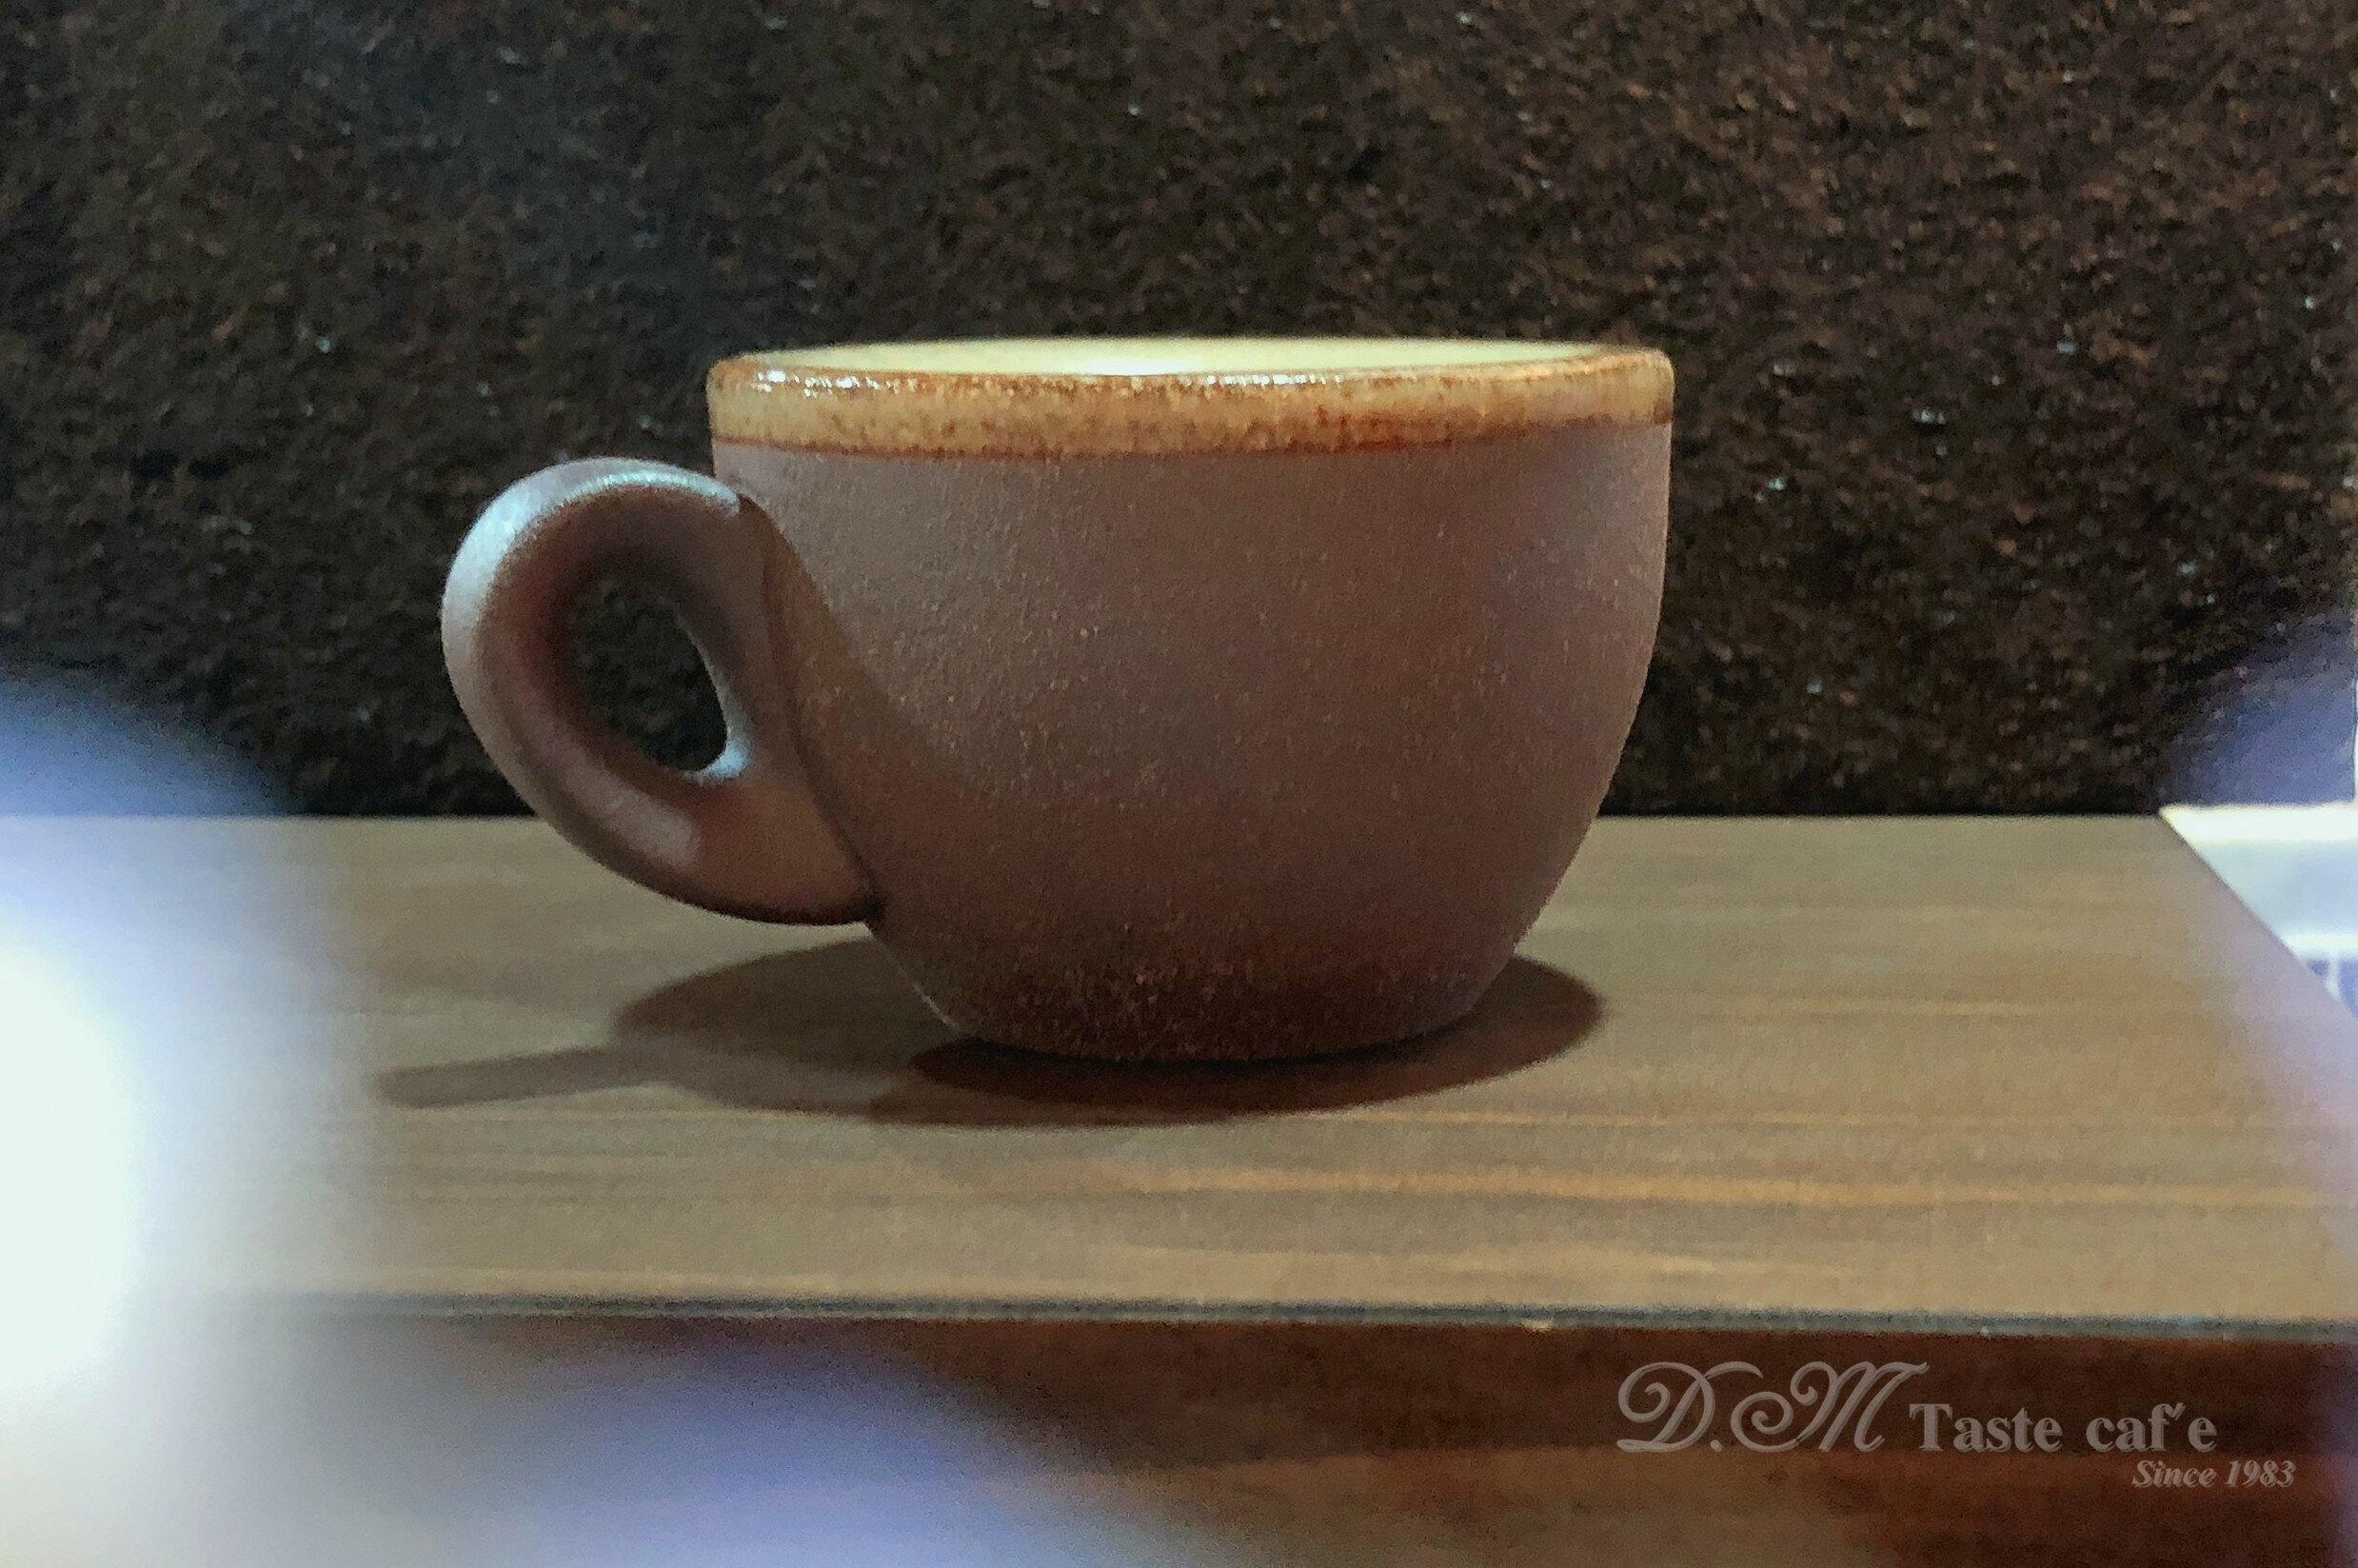 陶作坊 Aurli 極厚濃縮杯 老岩泥岩礦 茶杯 咖啡杯 Espresso